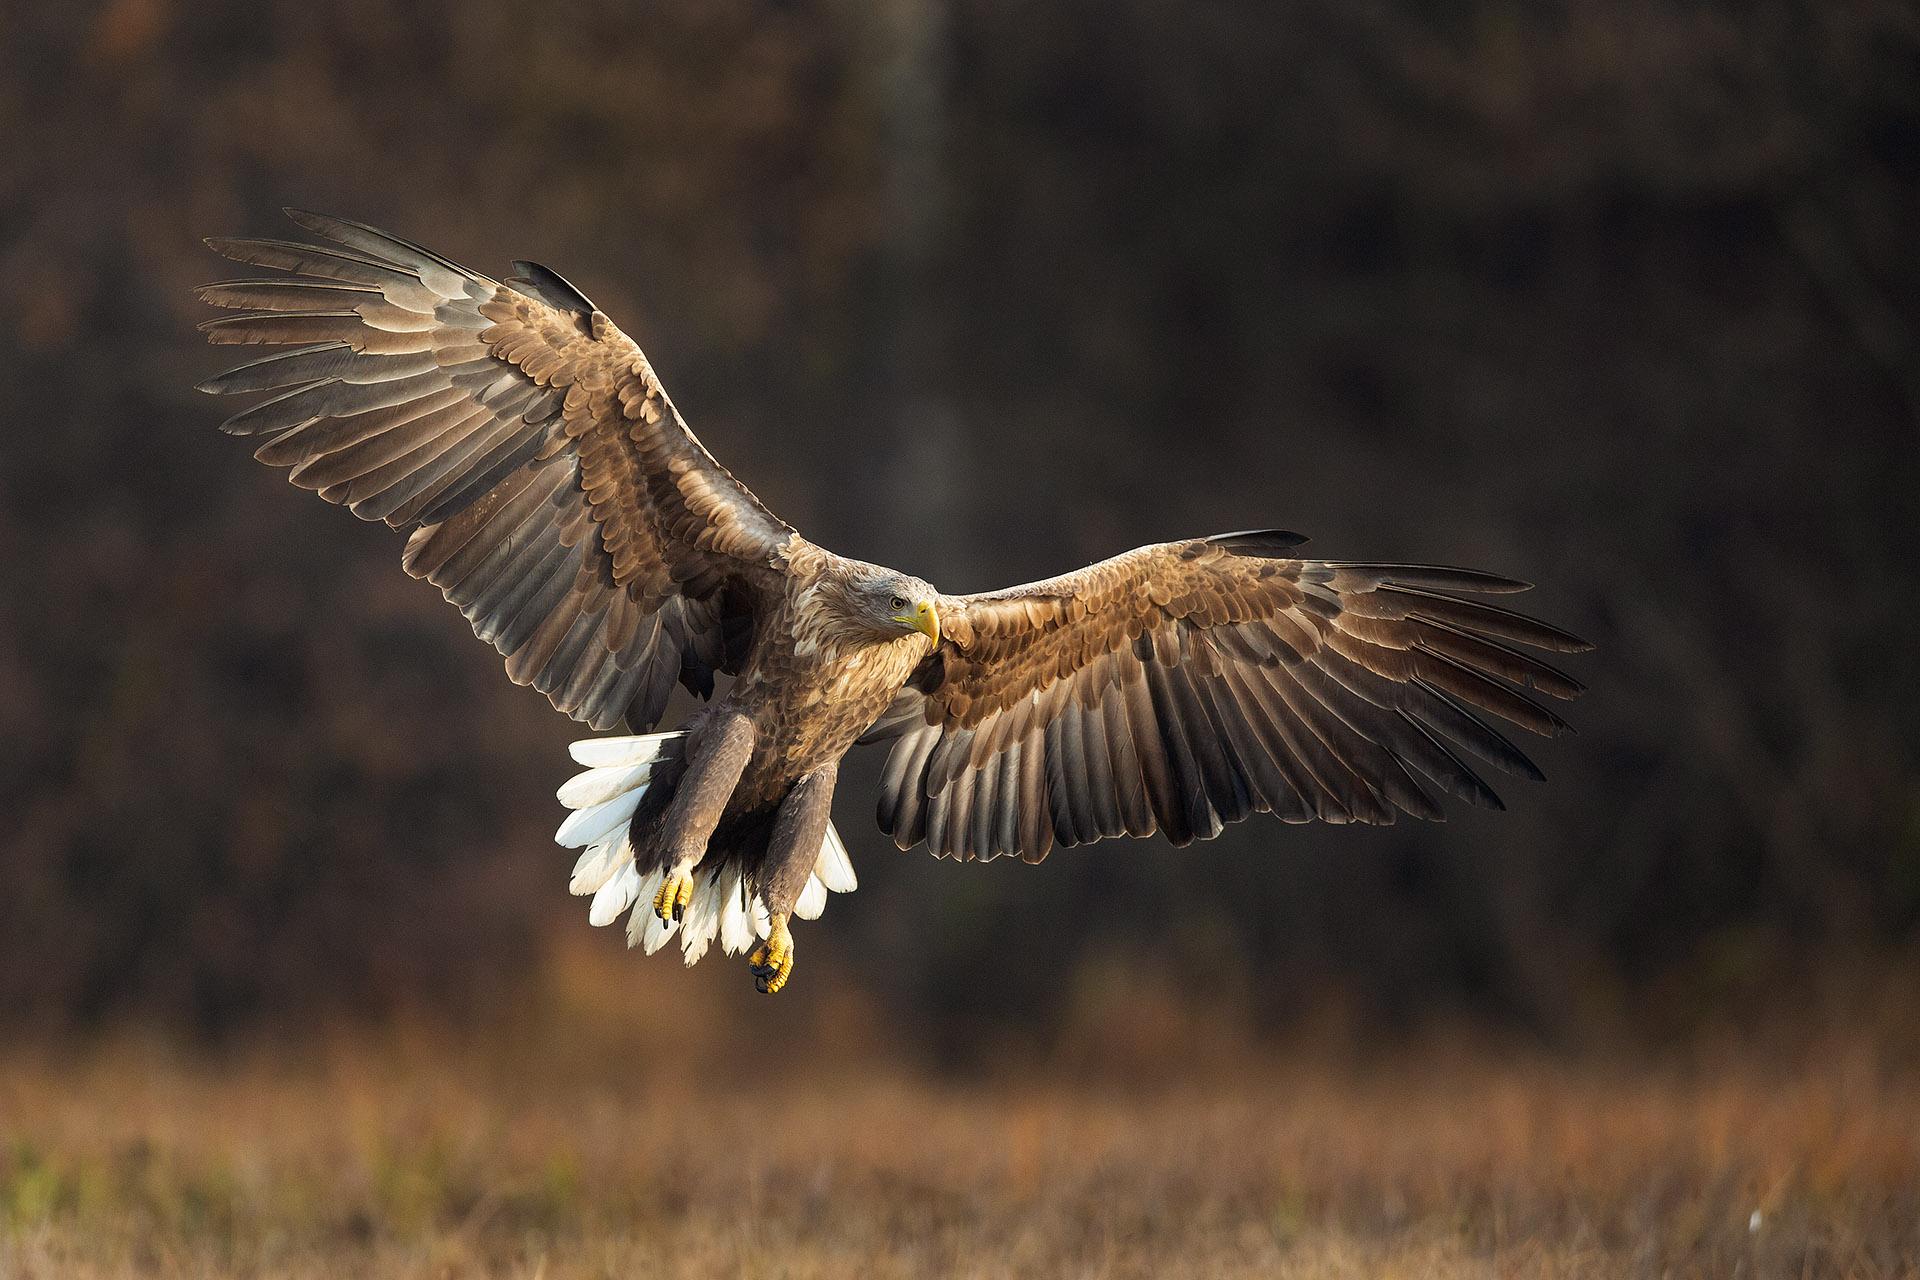 De zeearend is een indrukwekkende vogel. Zeker als je dichtbij bent en zo'n enorme vogel vlak voor je in een veldje neerstrijkt. Prachtig!